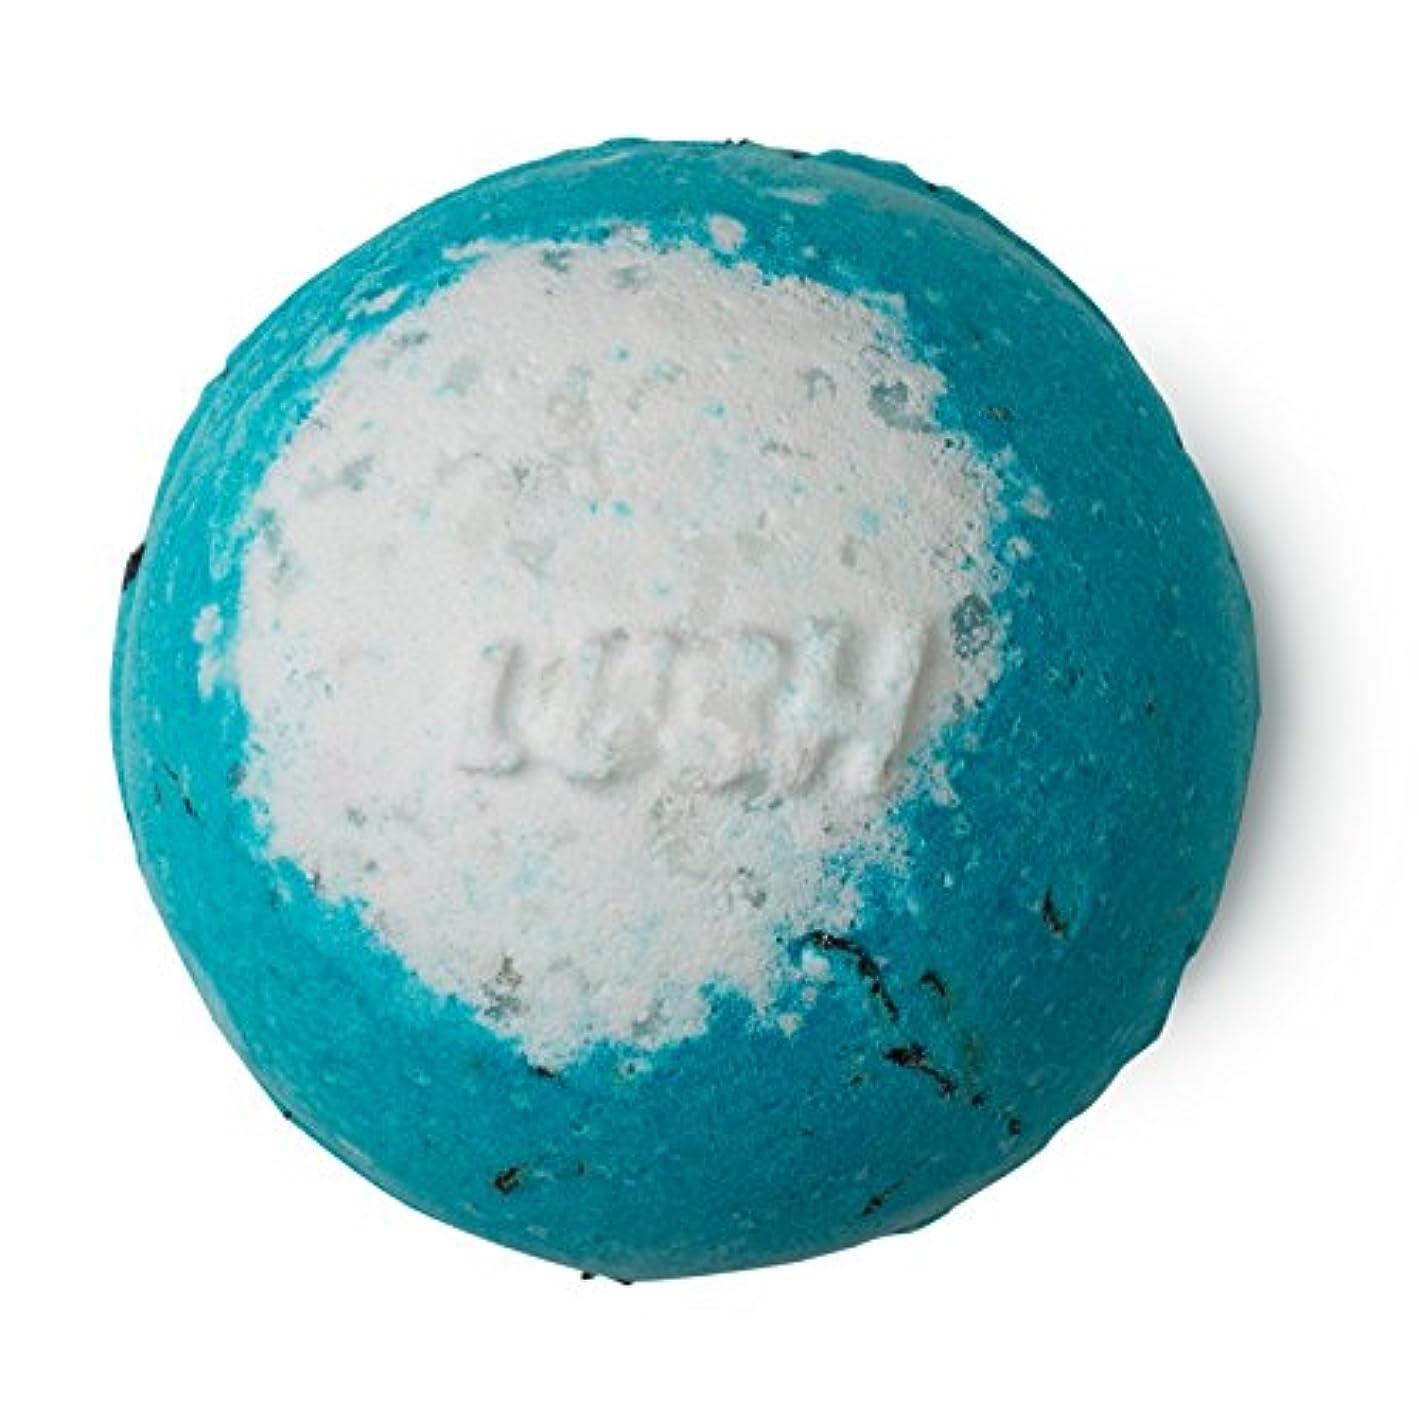 使役制限されたモックLUSH ラッシュ RUSHラッシュ 200g バスボム 浴用 シーソルト 入浴剤 ラベンダーオイル 入浴剤 ギフト